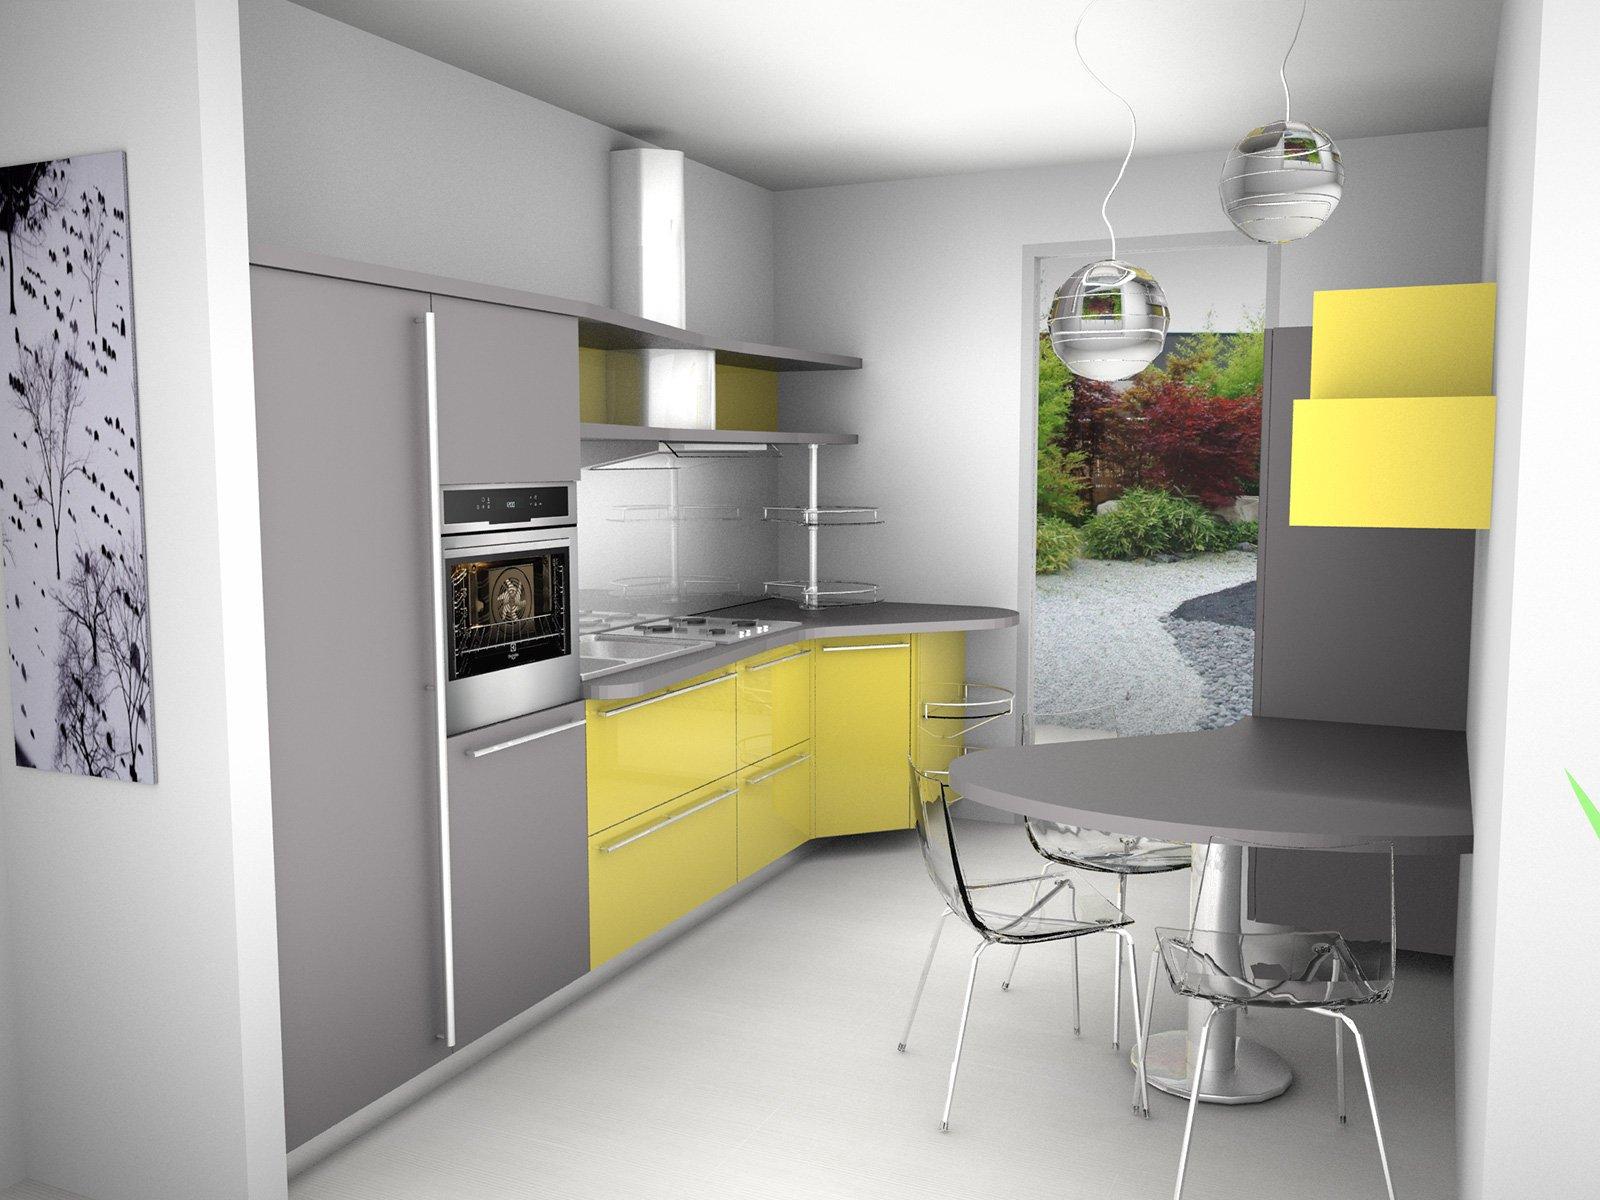 Come progetto la cucina cose di casa for Piccoli progetti di casa gratuiti